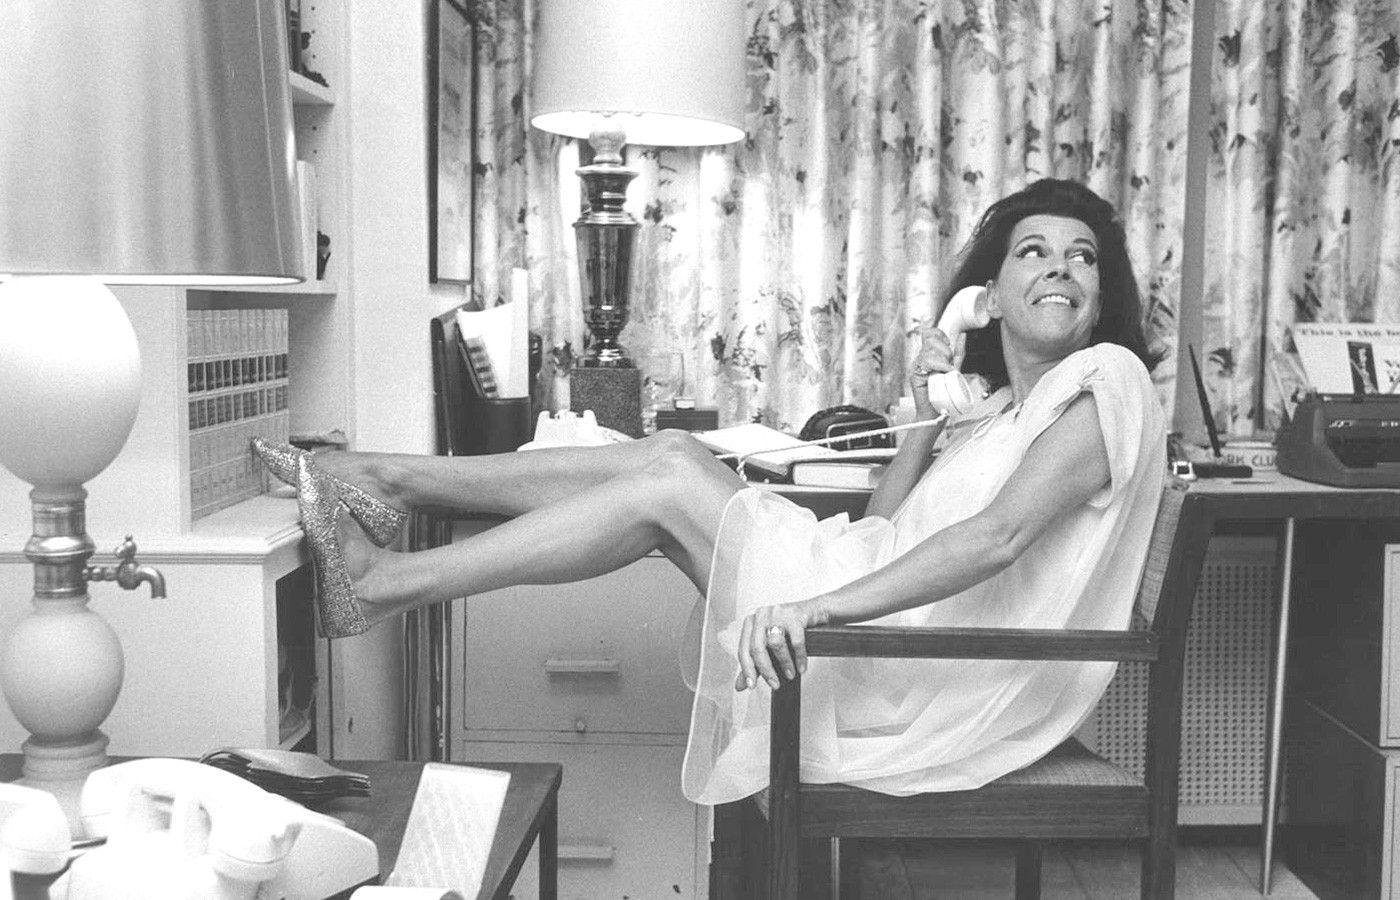 Жаклин Сьюзанн вееофисе, позирует для специального выпуска журнала Life. Фото: Life magazine/Grove Atlantic